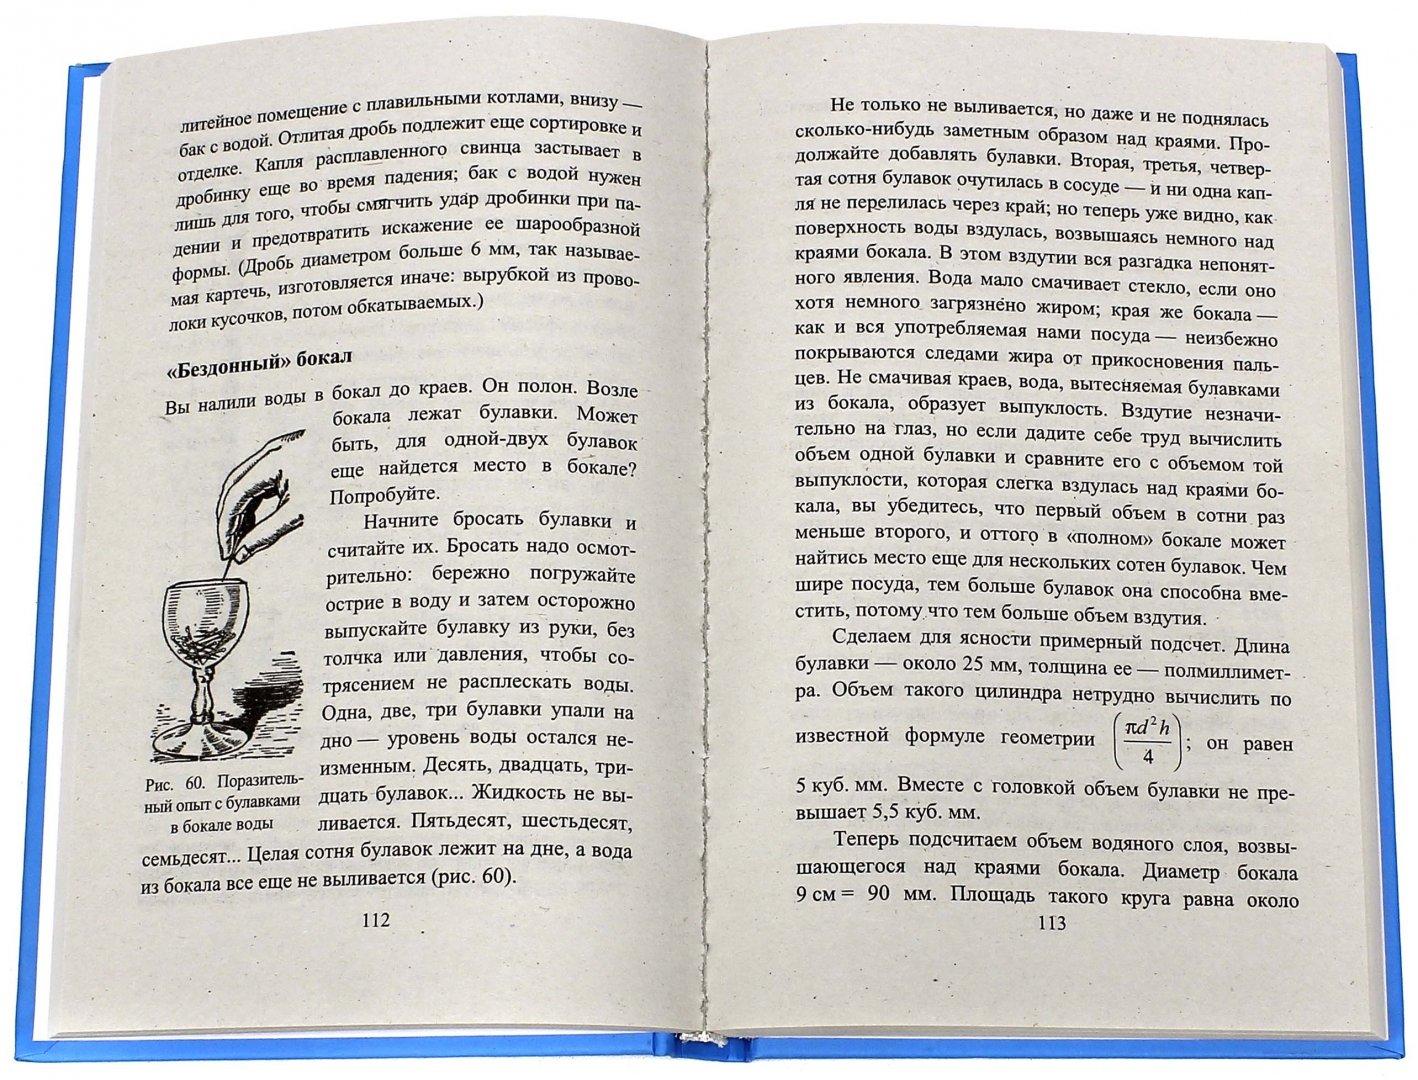 Иллюстрация 1 из 3 для Занимательная физика: Веселые задачи - Яков Перельман   Лабиринт - книги. Источник: Лабиринт